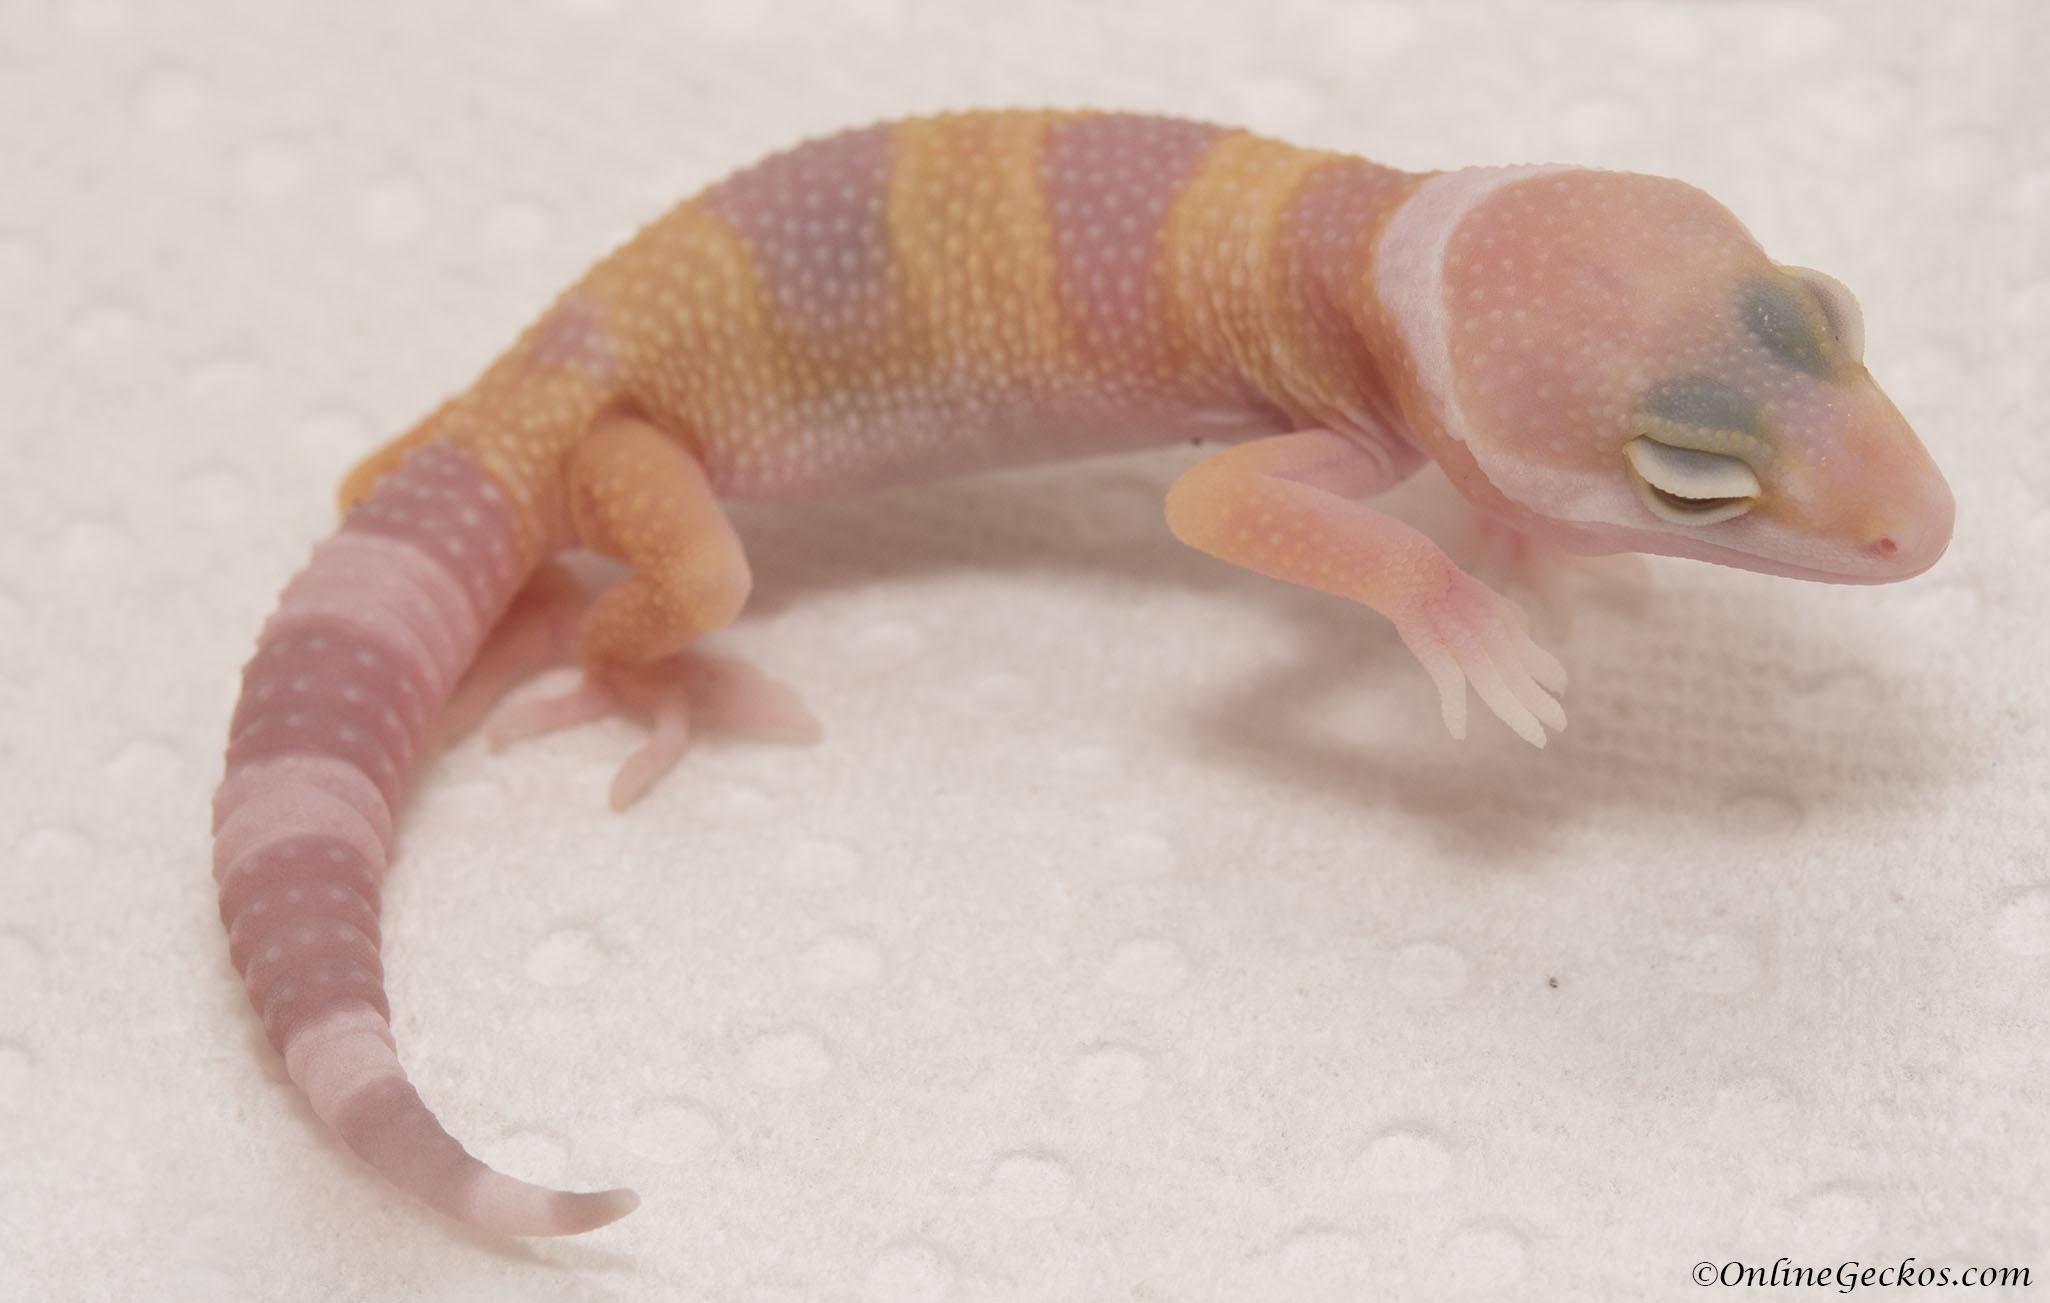 Cute Funny Geckos - OnlineGeckos.com Gecko BreederLeopard Gecko Hatchling